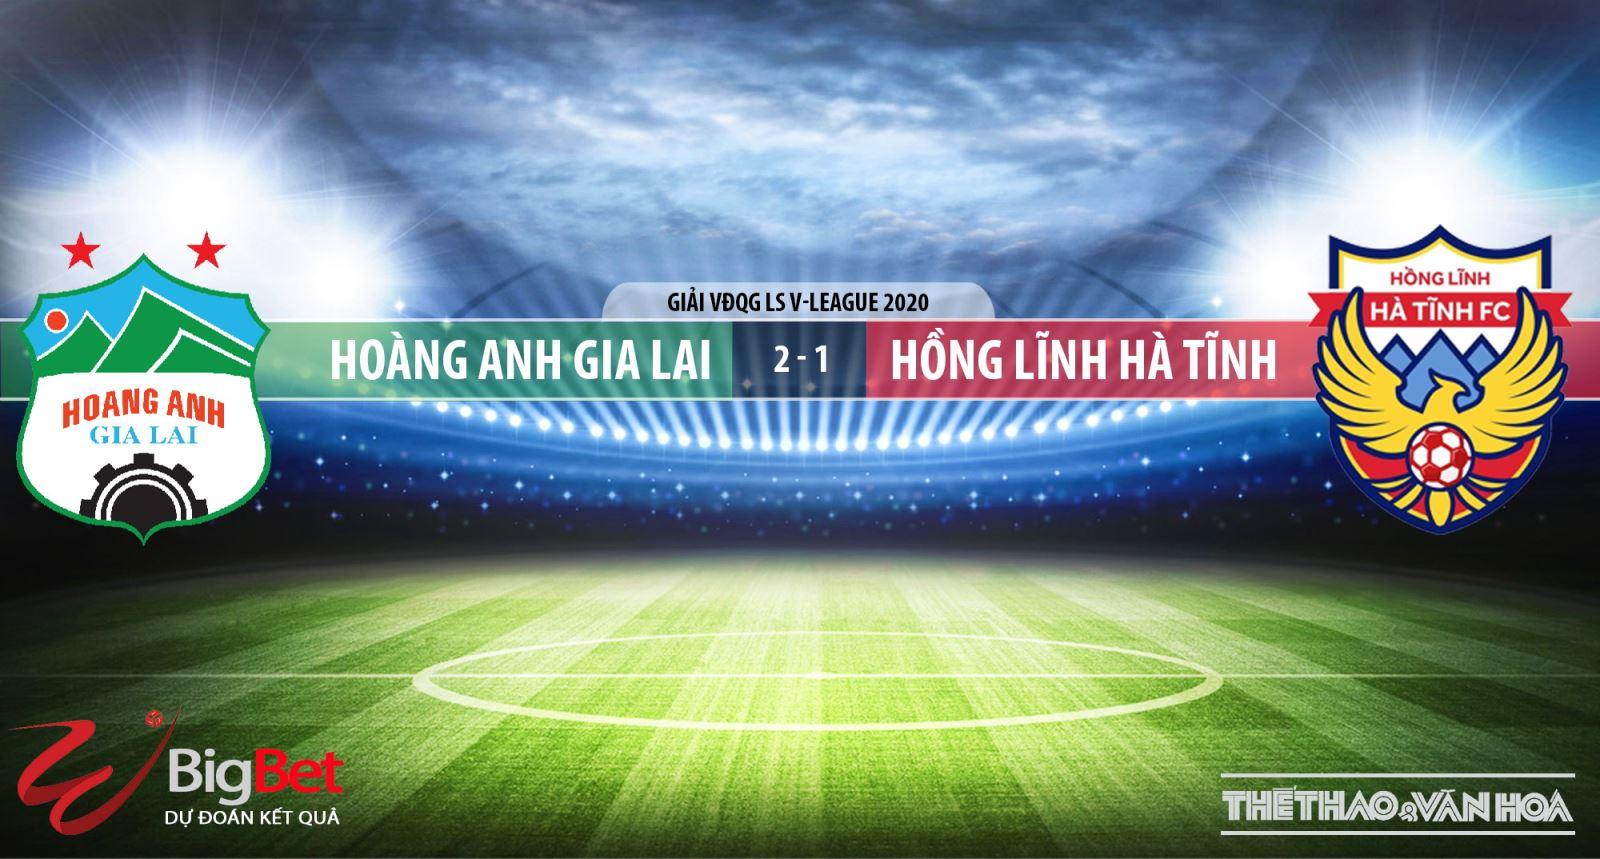 Hoàng Anh Gia Lai, Hồng Lĩnh Hà Tĩnh, HAGL, Hà Tĩnh, soi kèo, kèo bóng đá, trực tiếp bóng đá, lịch thi đấu bóng đá, V-League